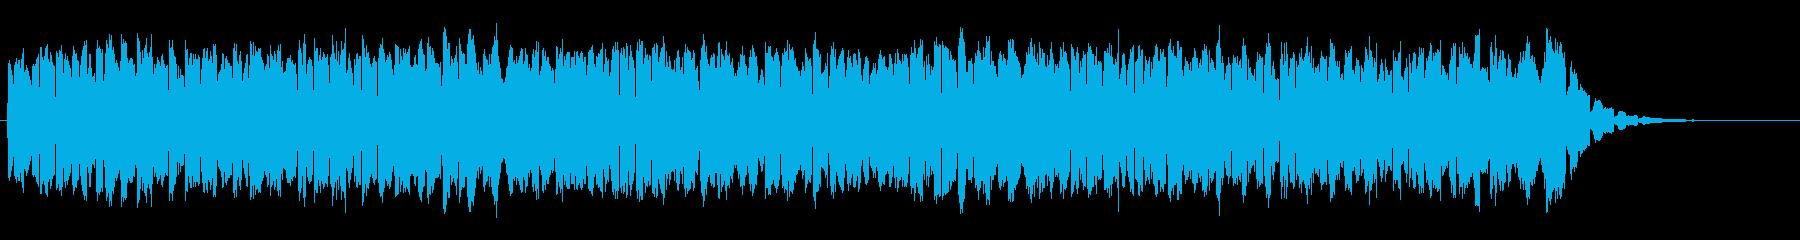 ユーロビート・シンセ・ディスコ・派手の再生済みの波形